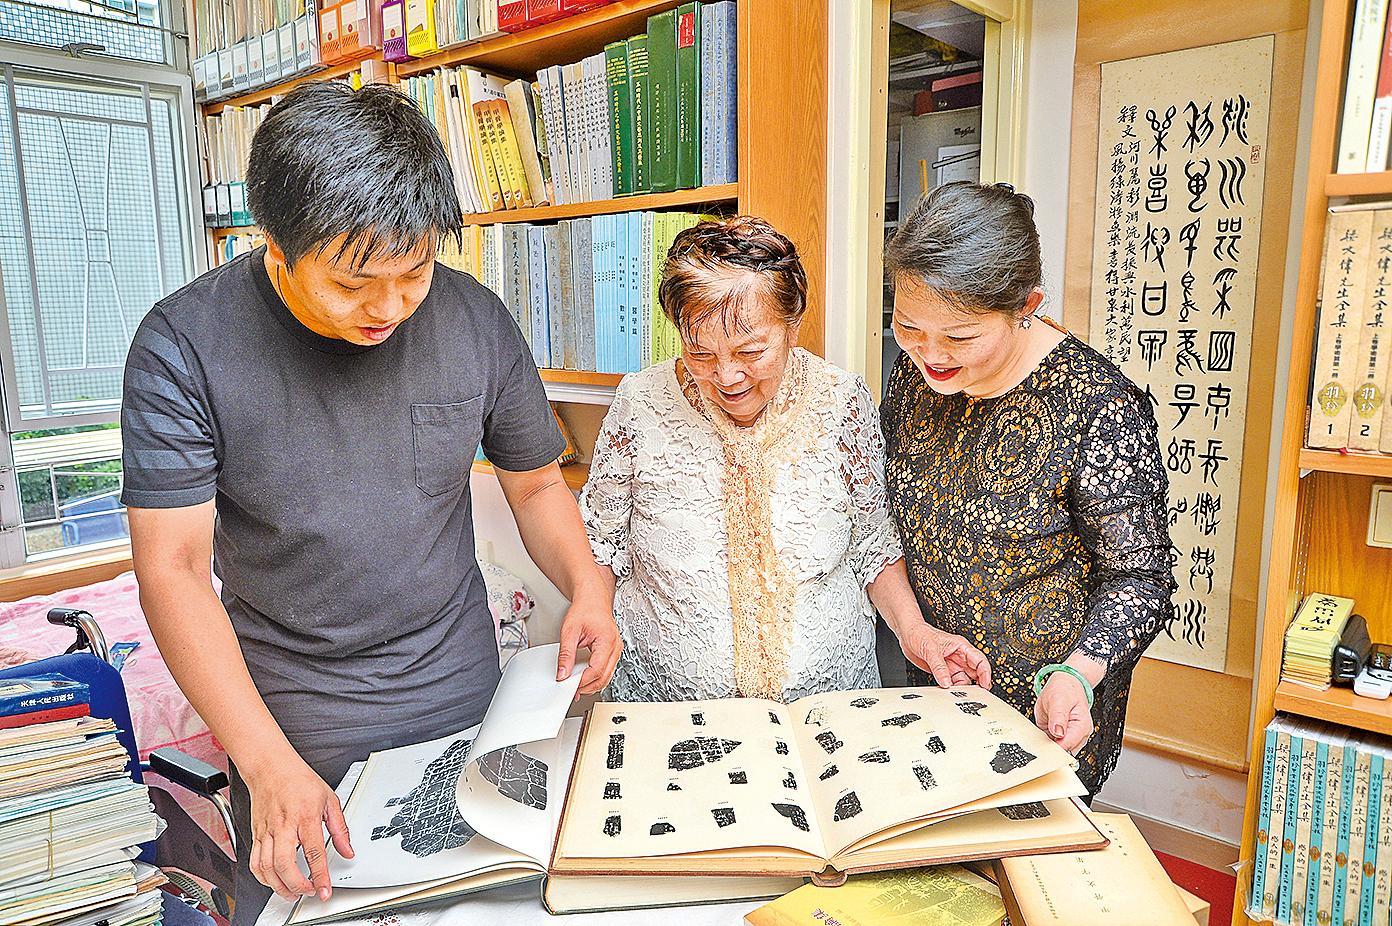 甲骨文涵古文化訊息可探未來